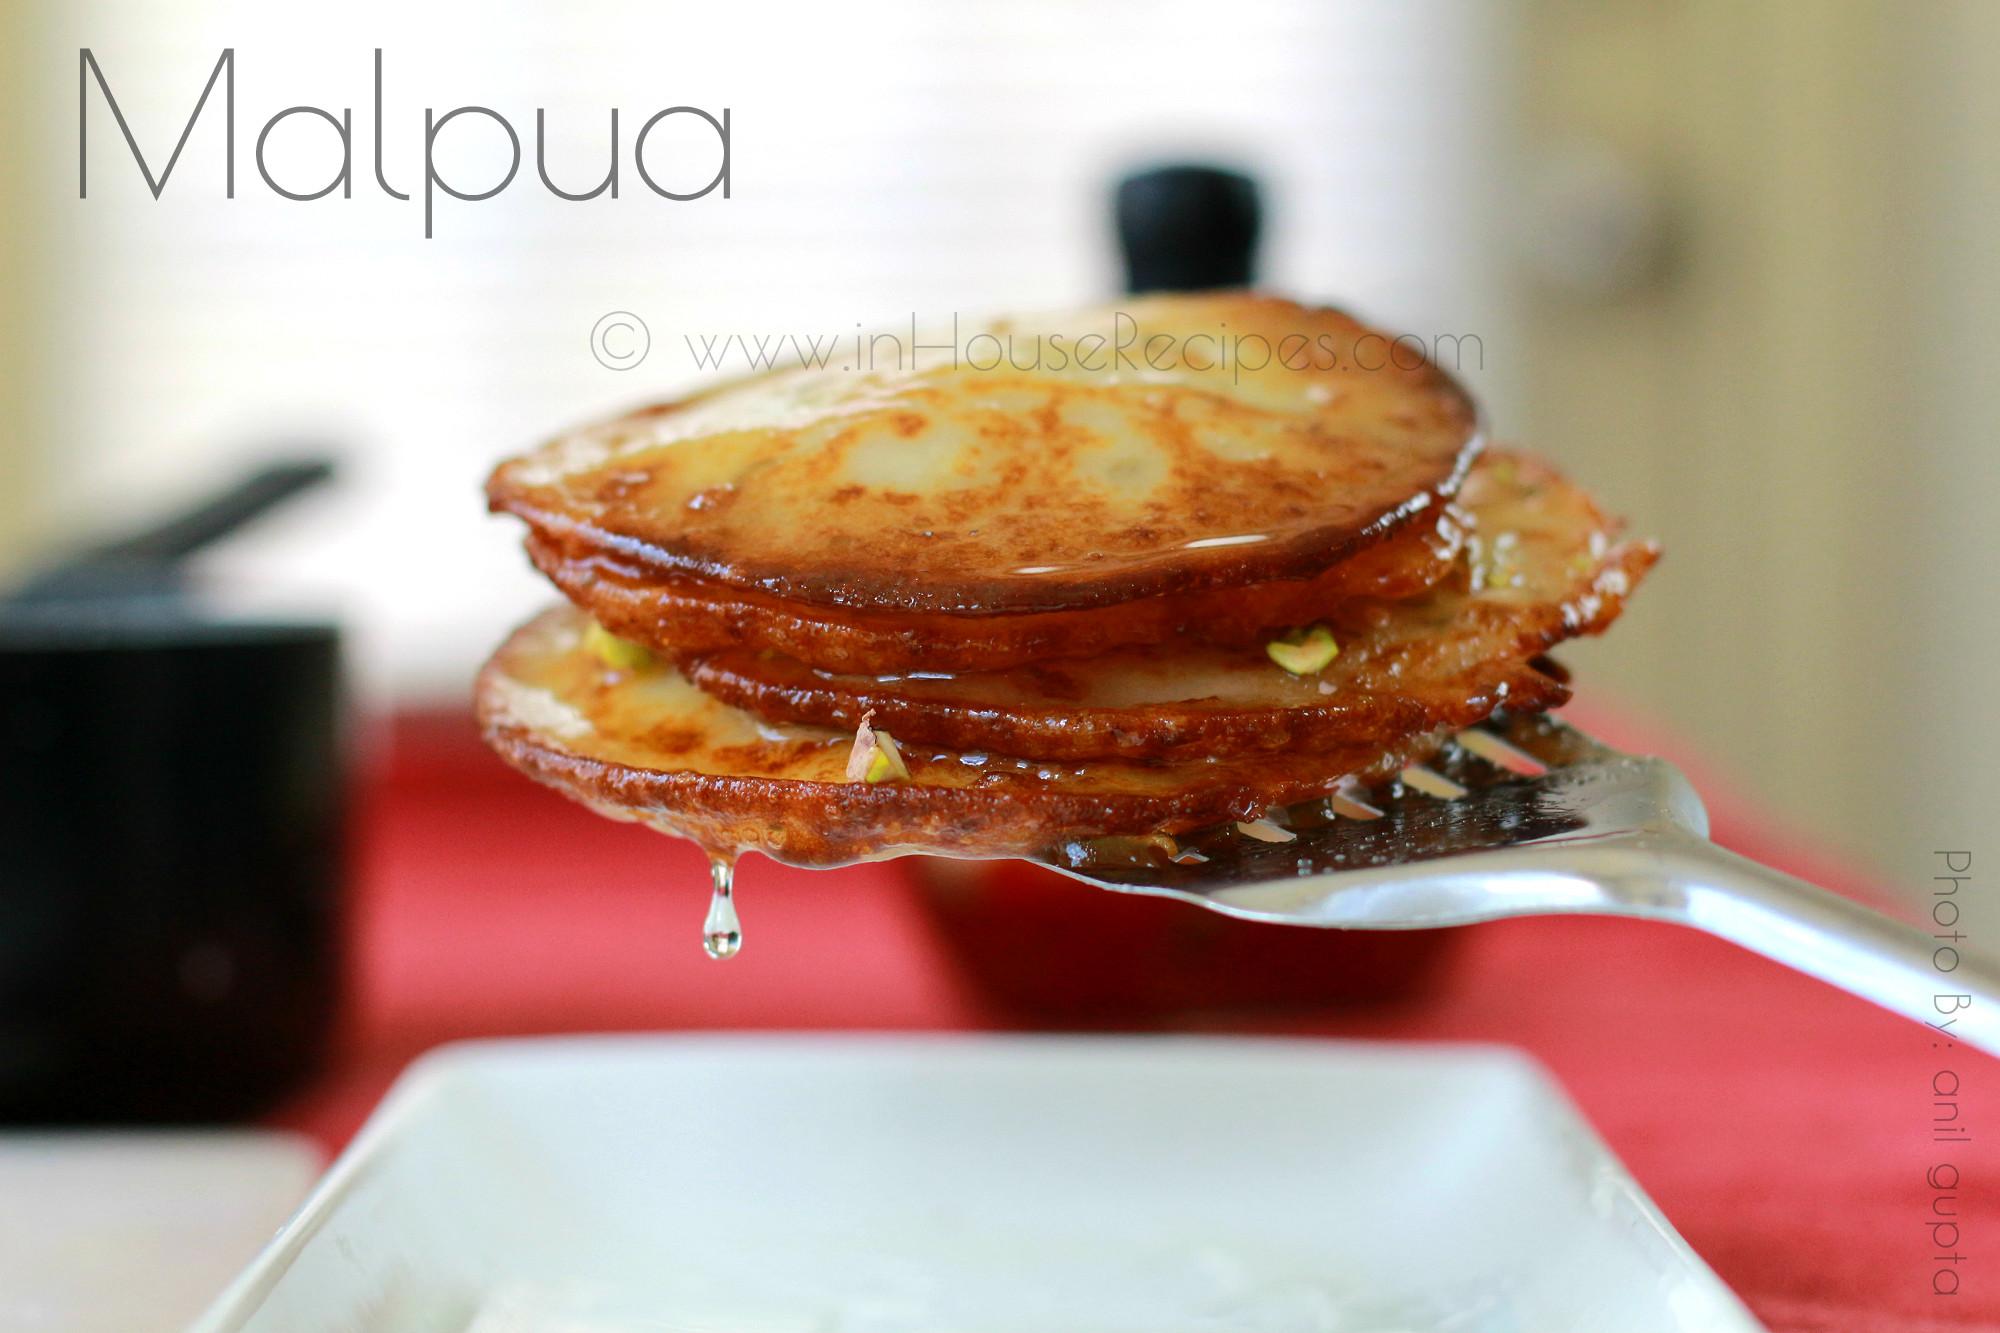 Malpua - an Indian dessert